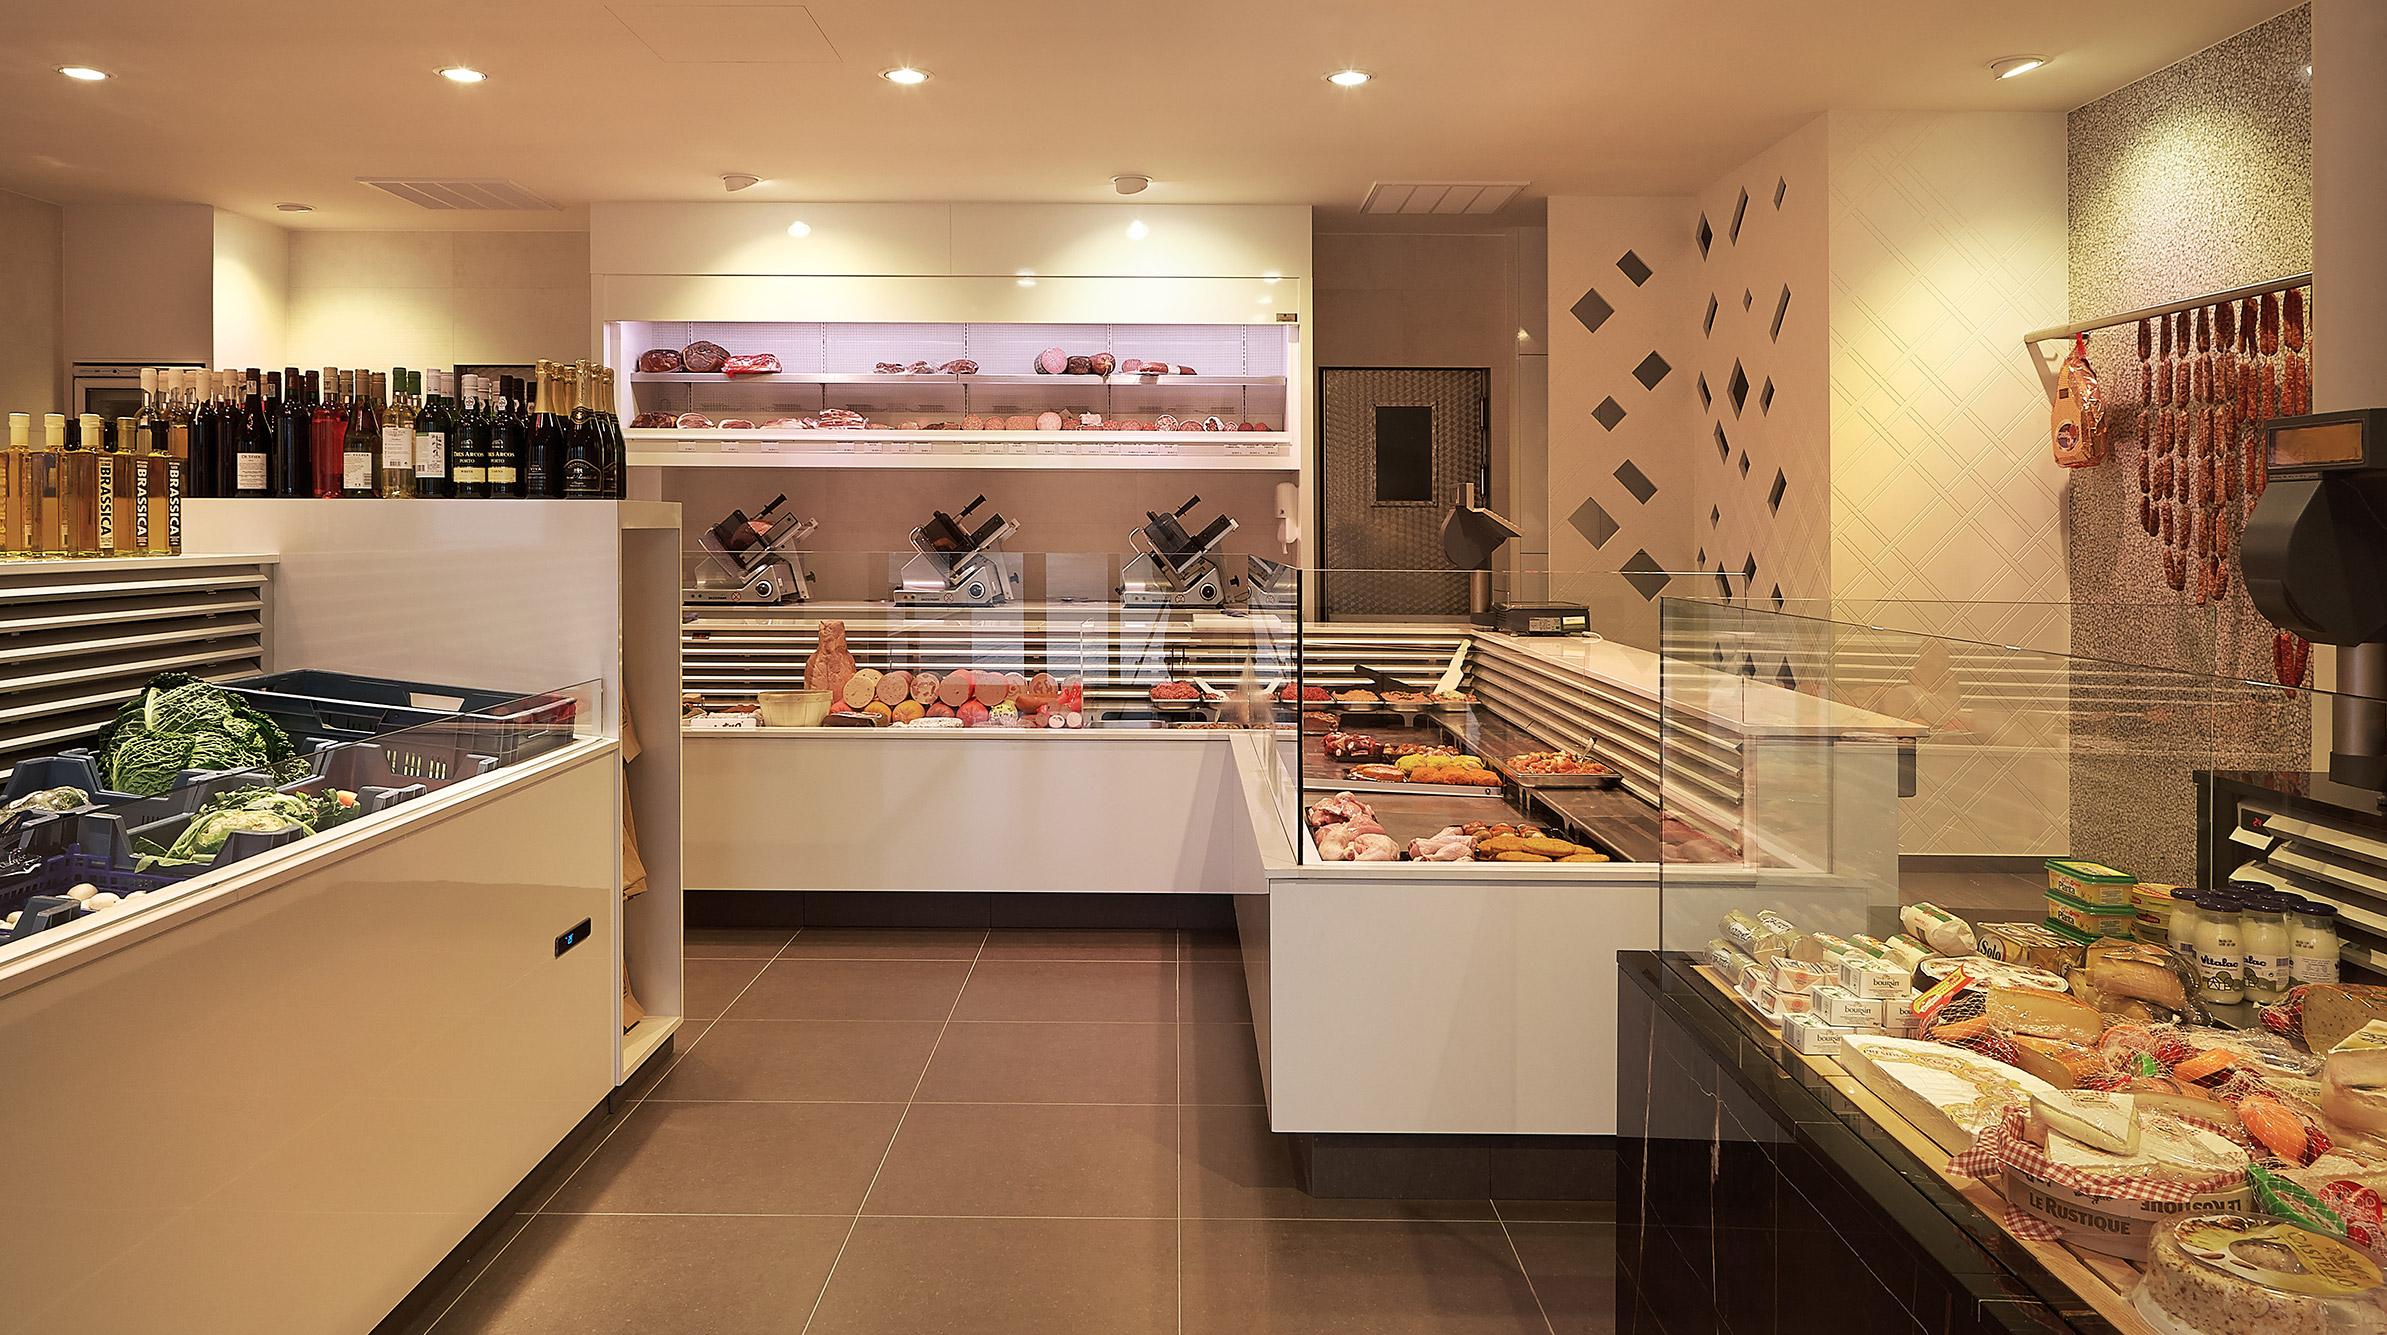 boucherie vansevenant integral agencement de magasins. Black Bedroom Furniture Sets. Home Design Ideas